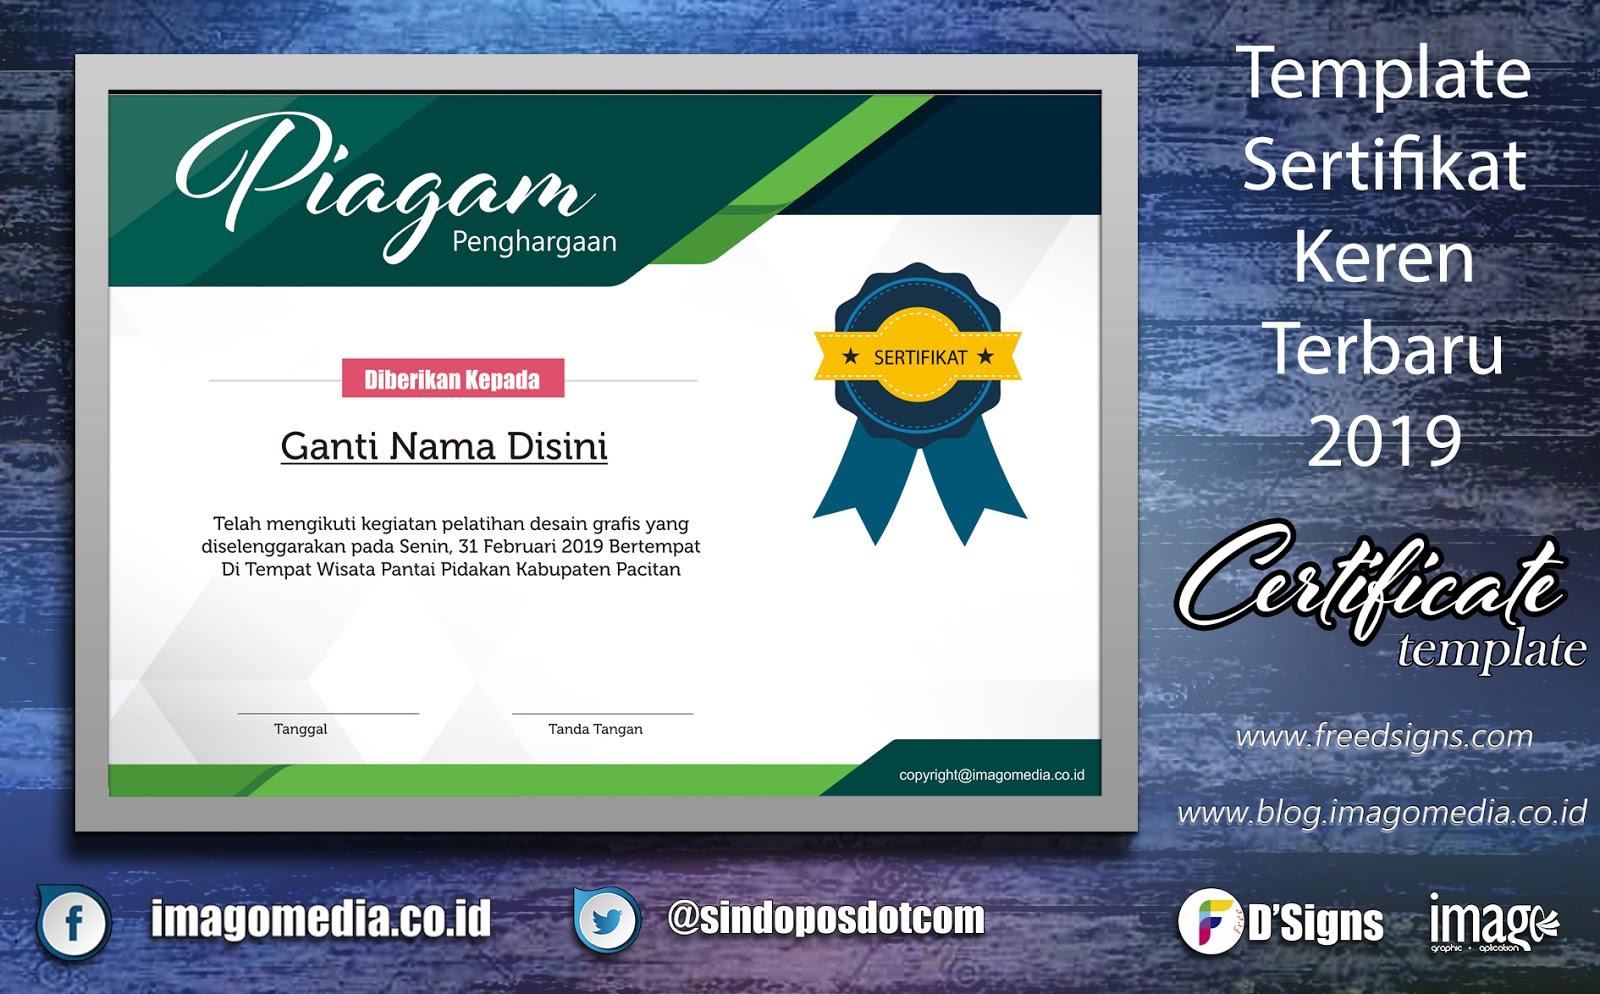 download_update_contoh_sertifikat_piagam_keren_tahun_2019_terbaru